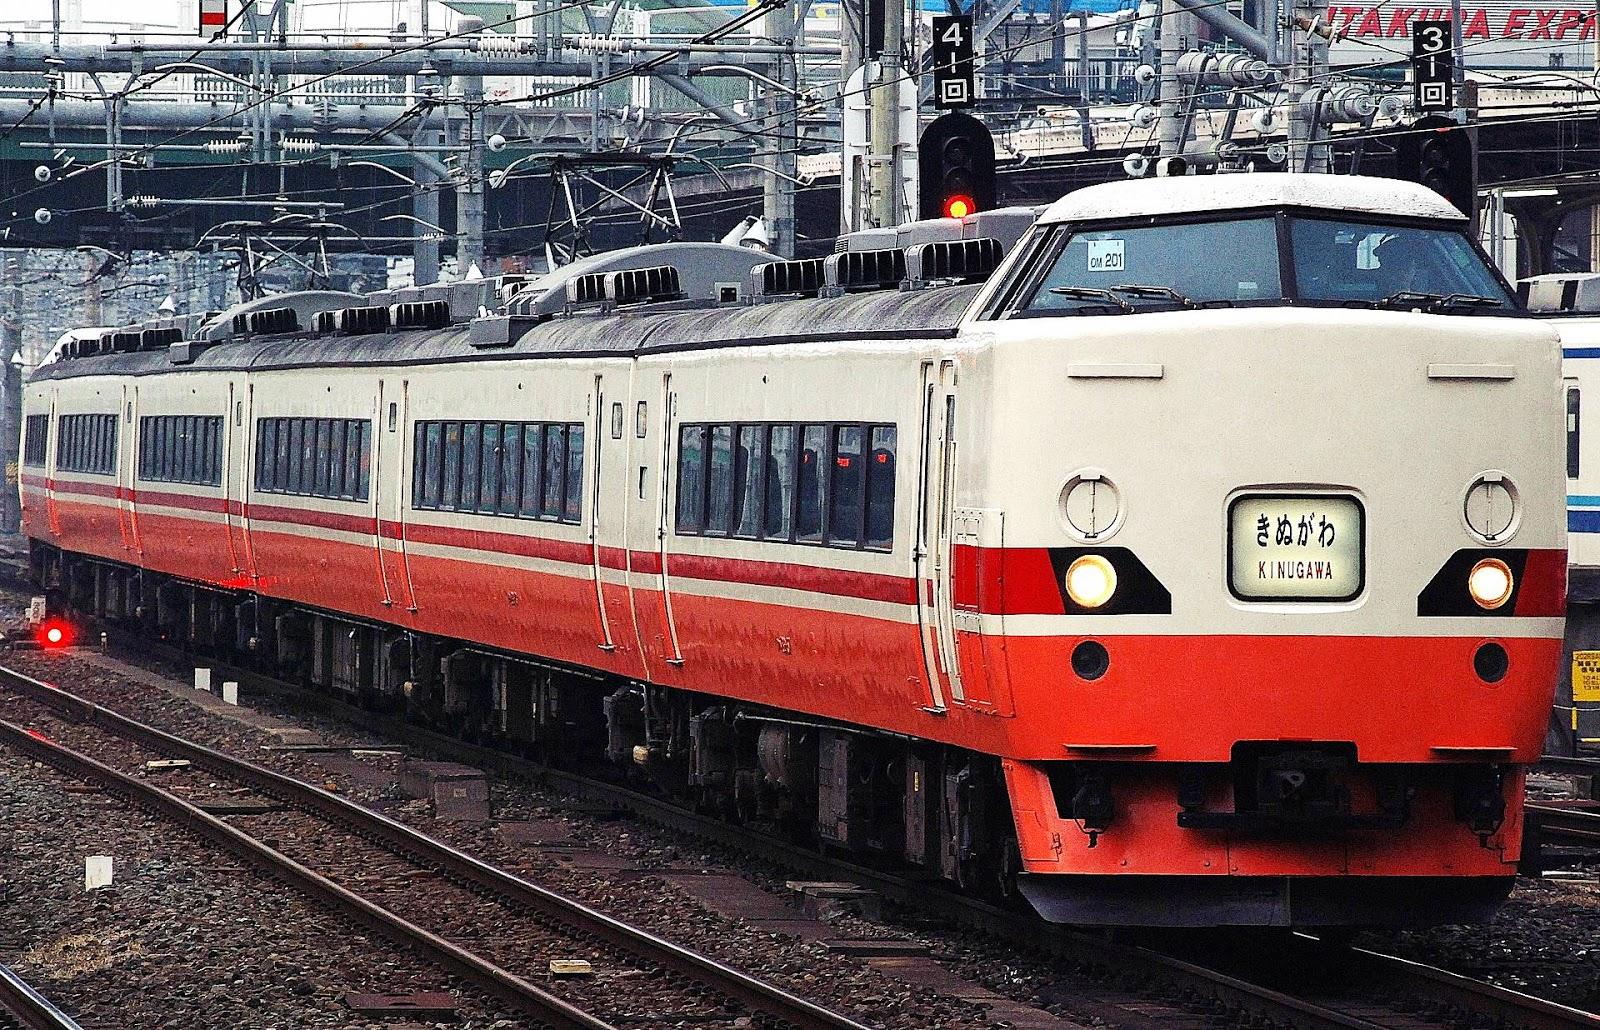 日本-關西-大阪-京都-神戶-奈良-JR-推薦-優惠券-教學-介紹-火車-鐵路-旅遊-自由行-交通